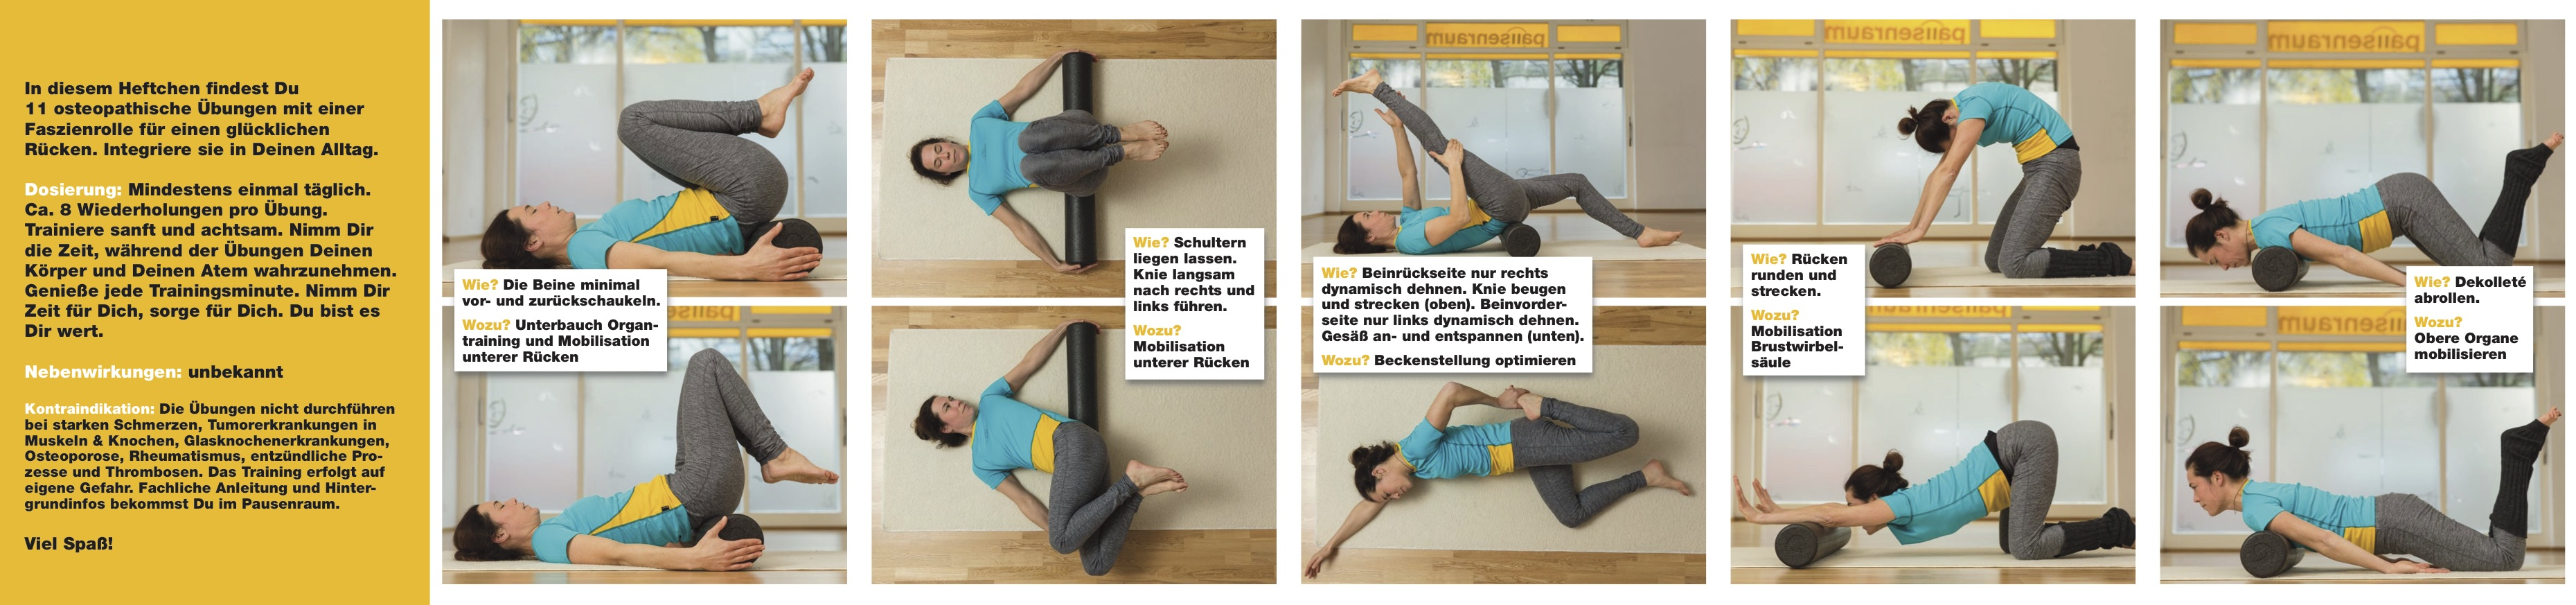 knie muskel trainieren